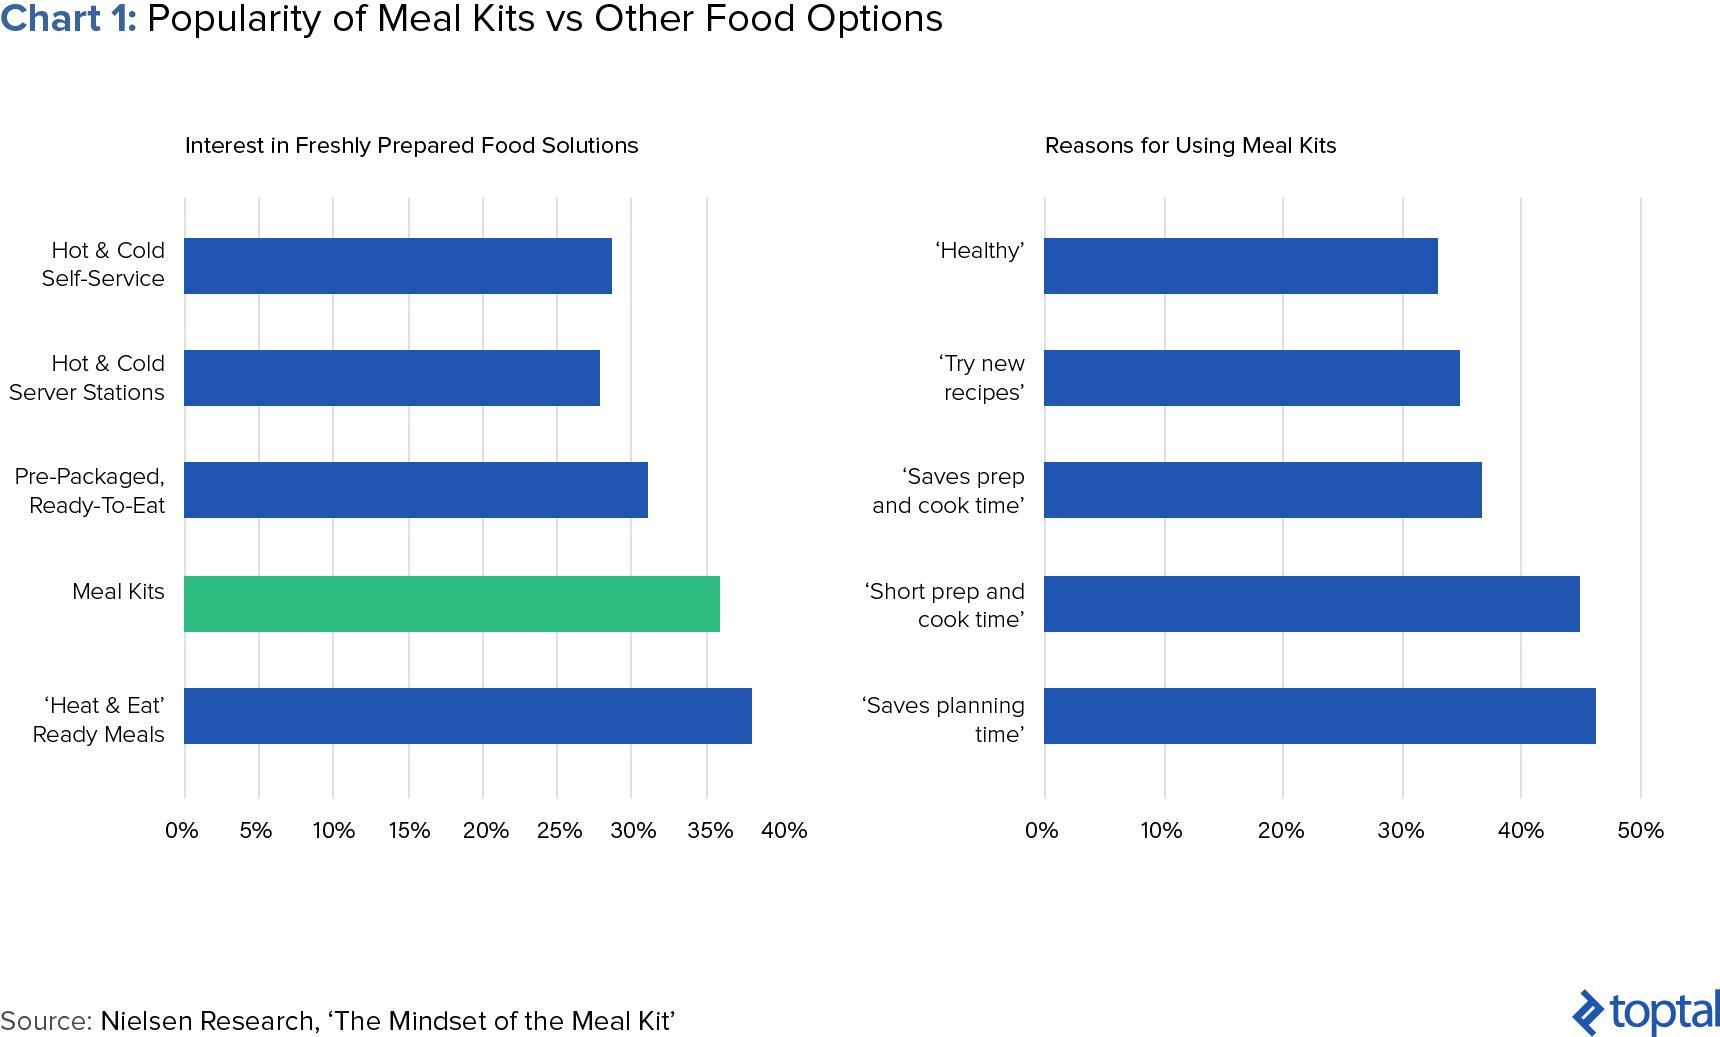 los kits de comida en el contexto de la popularidad de la comida fresca y las razones para usar los servicios de suscripción de alimentos